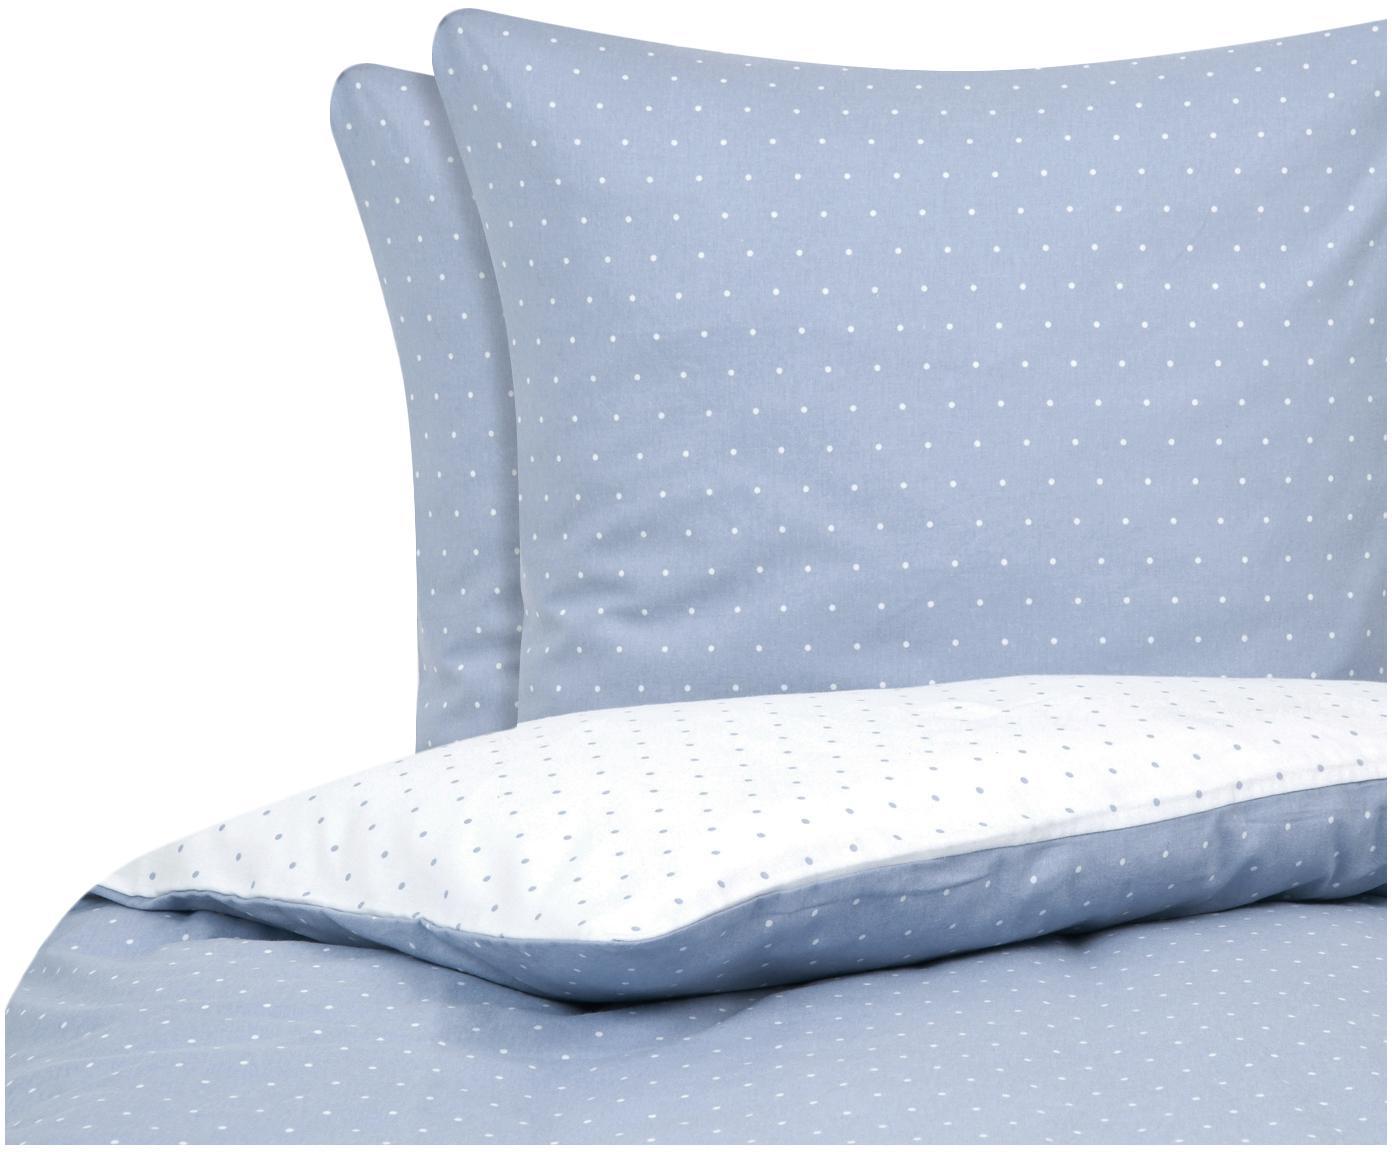 Flanell-Wendebettwäsche Betty, gepunktet, Webart: Flanell Flanell ist ein s, Hellblau, Weiß, 200 x 200 cm + 2 Kissen 80 x 80 cm